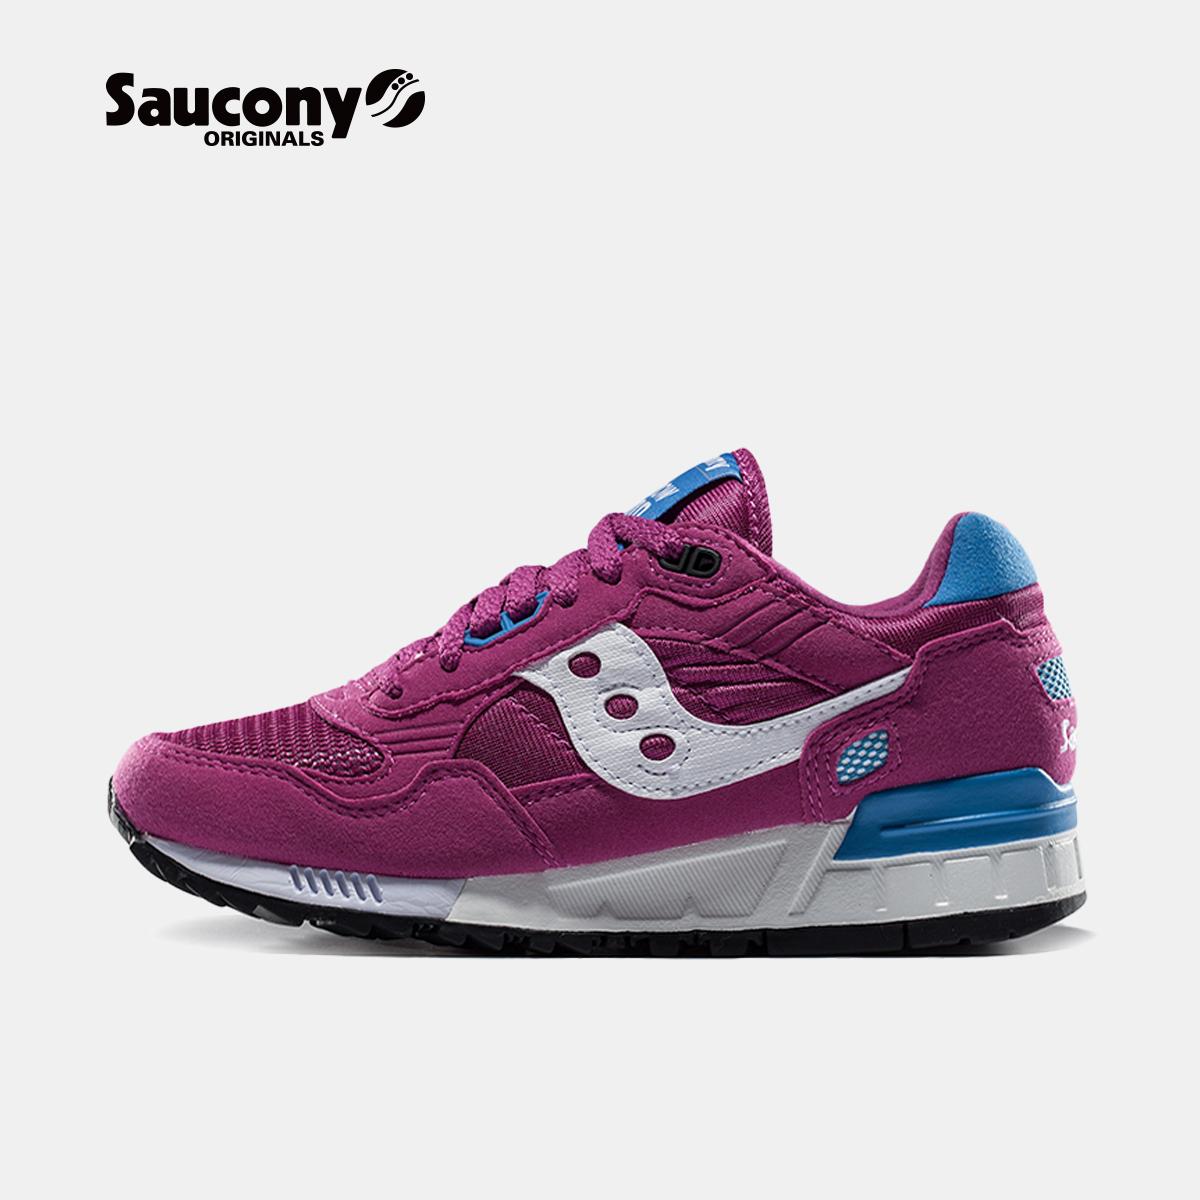 Saucony圣康尼 SHADOW 复古慢跑鞋 运动休闲 女跑步鞋S60033-A